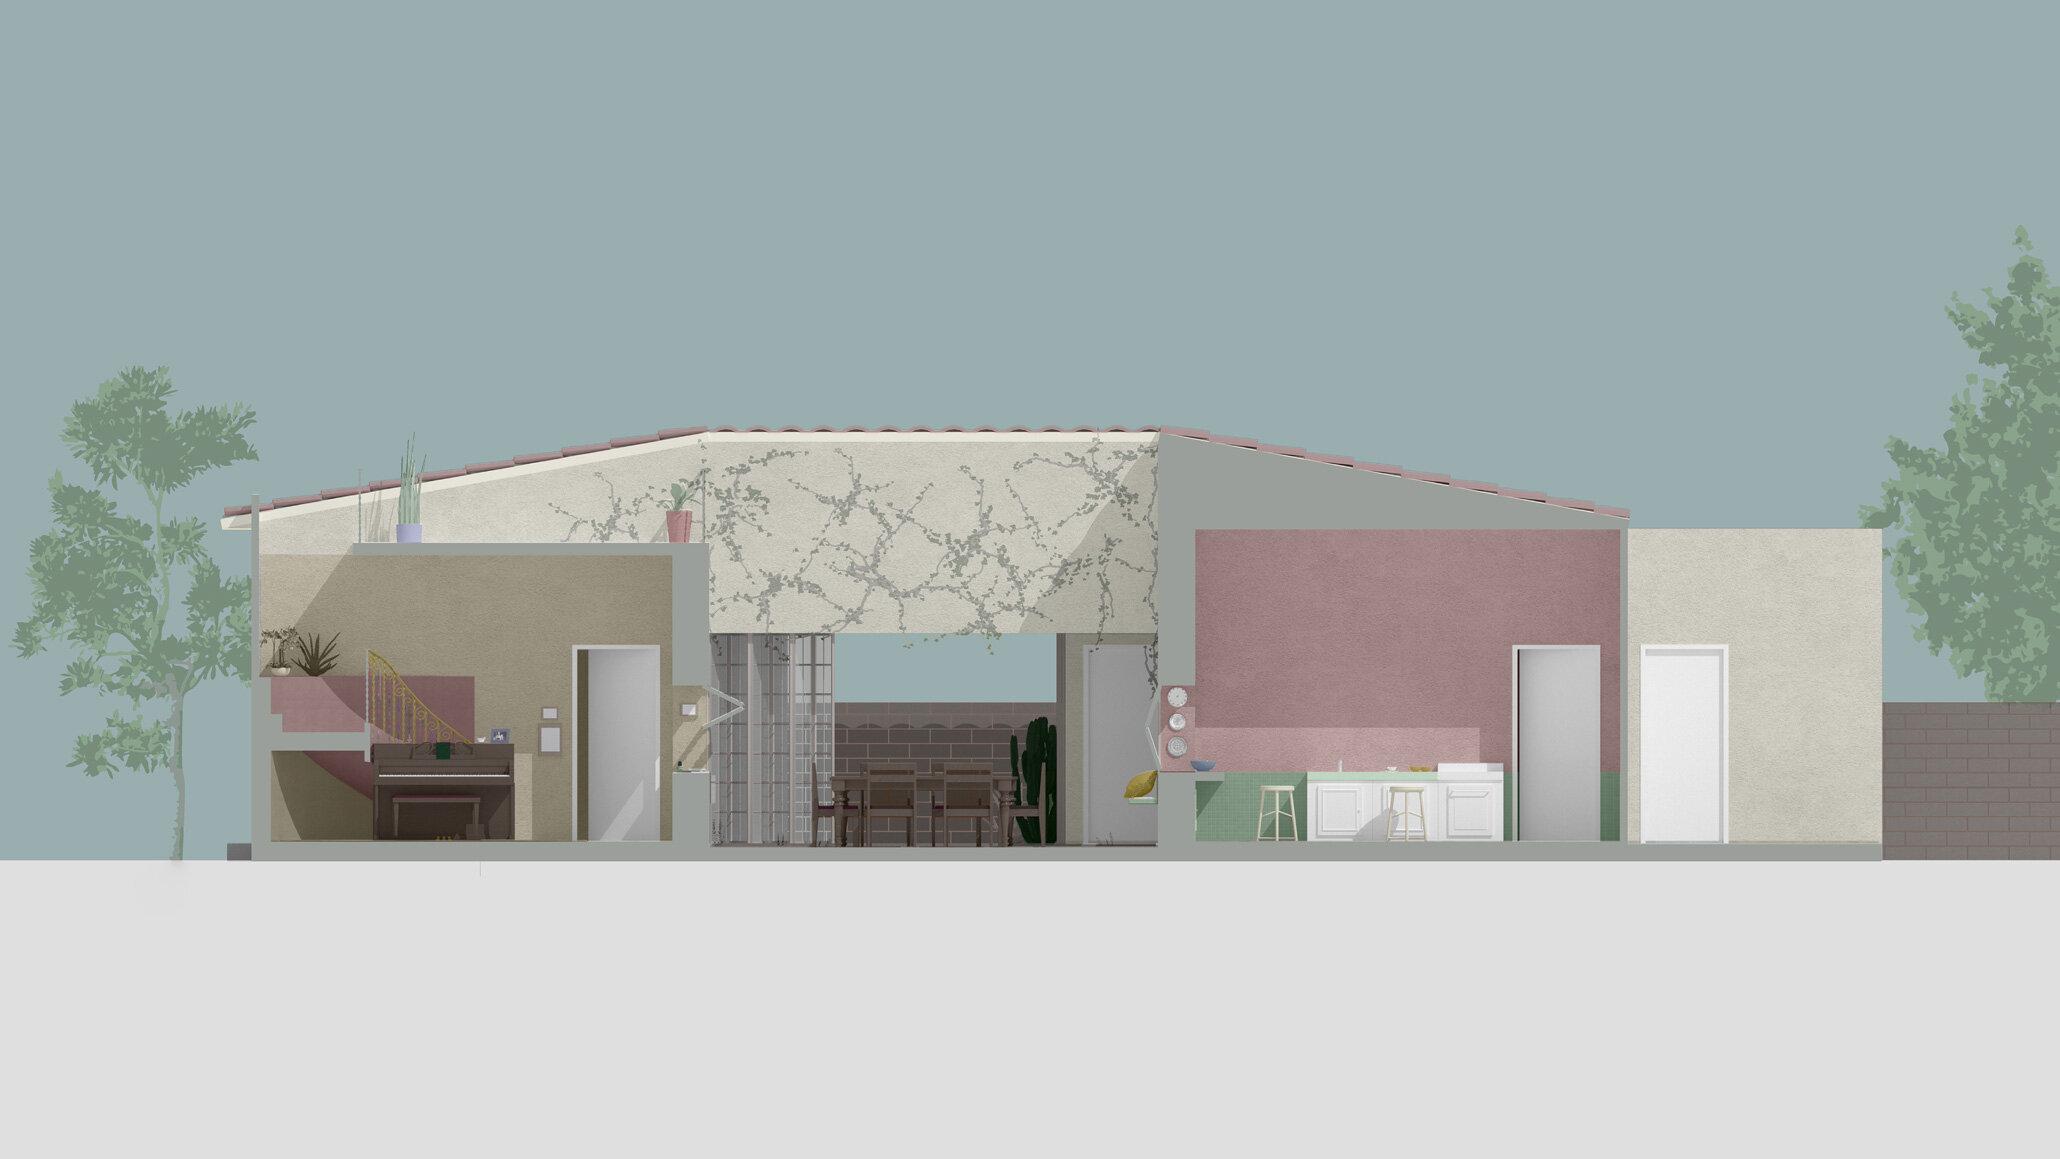 architecture render